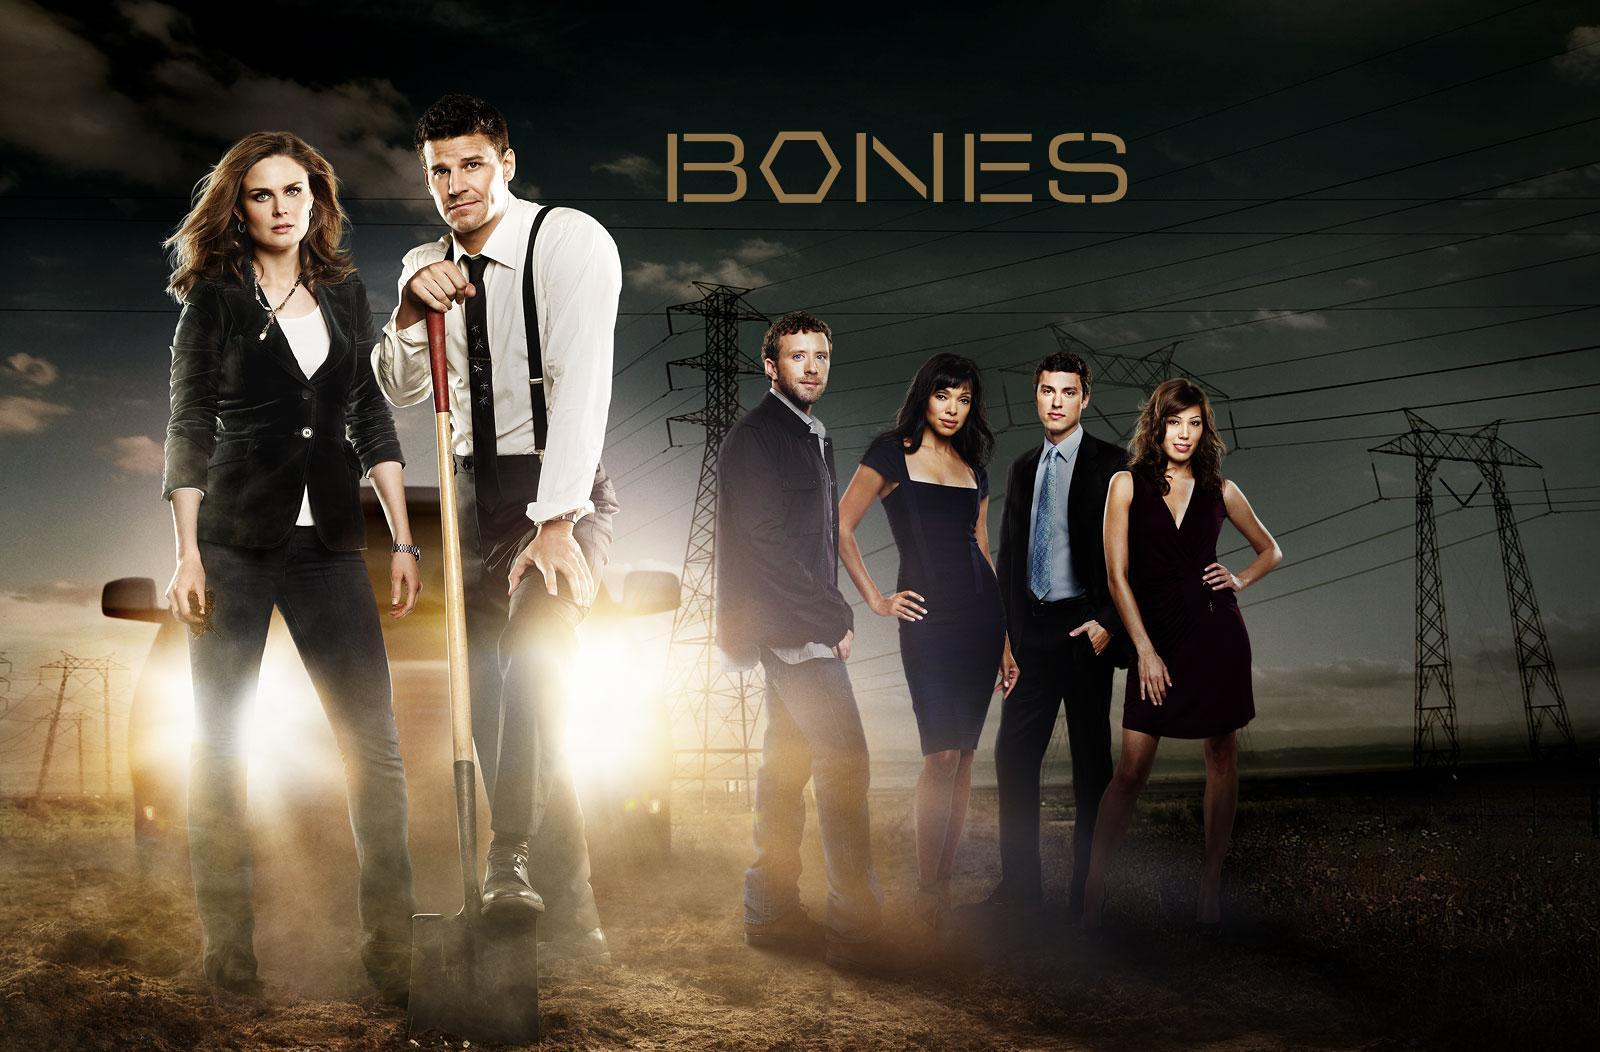 David Boreanaz y Emily Deschanel protagonizan la serie forense 'Bones'.